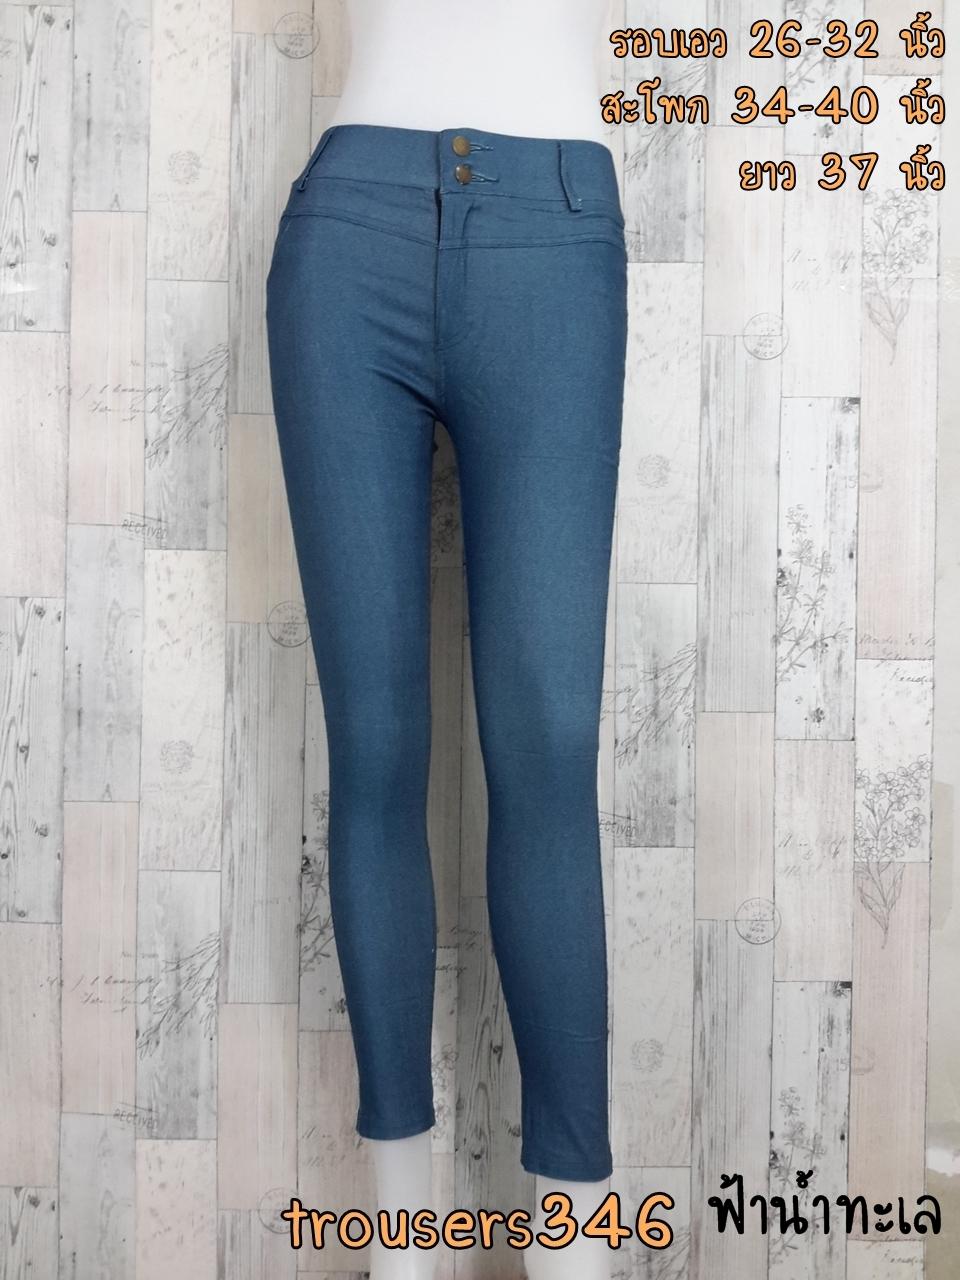 trousers346 กางเกงสกินนี่ขายาวผ้าเนื้อหนายืดหยุ่นได้เยอะ กระดุมซิป เอวยืด 26-32 นิ้ว สีฟ้าน้ำทะเล